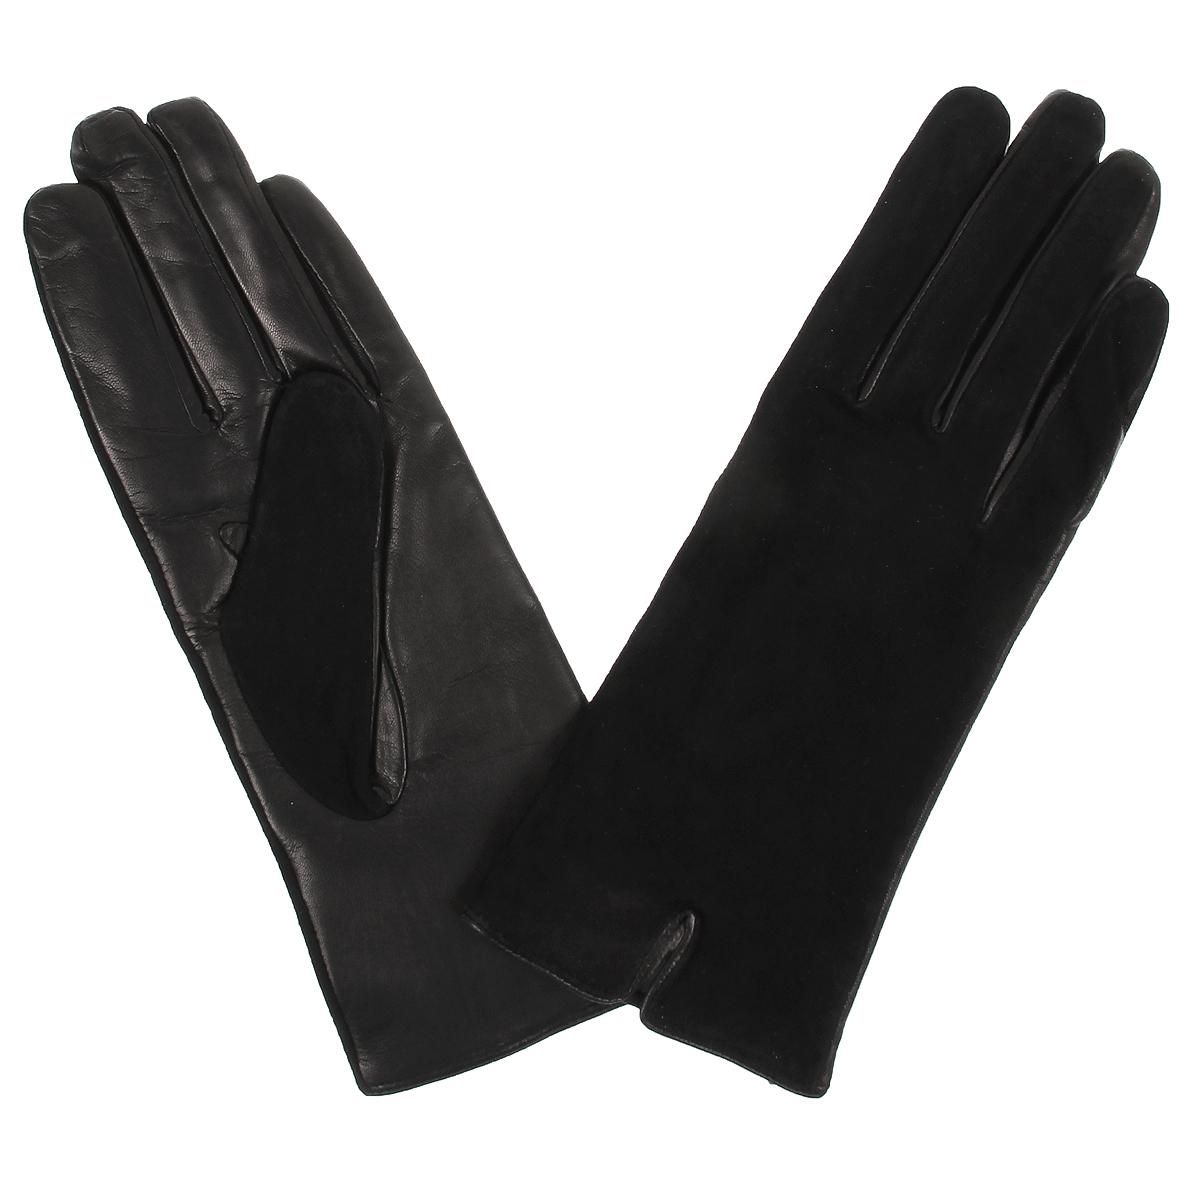 Перчатки женские. SD5521SD5521/23Стильные женские перчатки Baggini не только защитят ваши руки от холода, но и станут великолепным украшением. Перчатки выполнены из чрезвычайно мягкой и приятной на ощупь натуральной кожи, а их подкладка - из натуральной шерсти. Лицевая сторона перчаток выполнена из замши. В настоящее время перчатки являются неотъемлемой принадлежностью одежды, вместе с этим аксессуаром вы обретаете женственность и элегантность. Перчатки станут завершающим и подчеркивающим элементом вашего стиля и неповторимости.